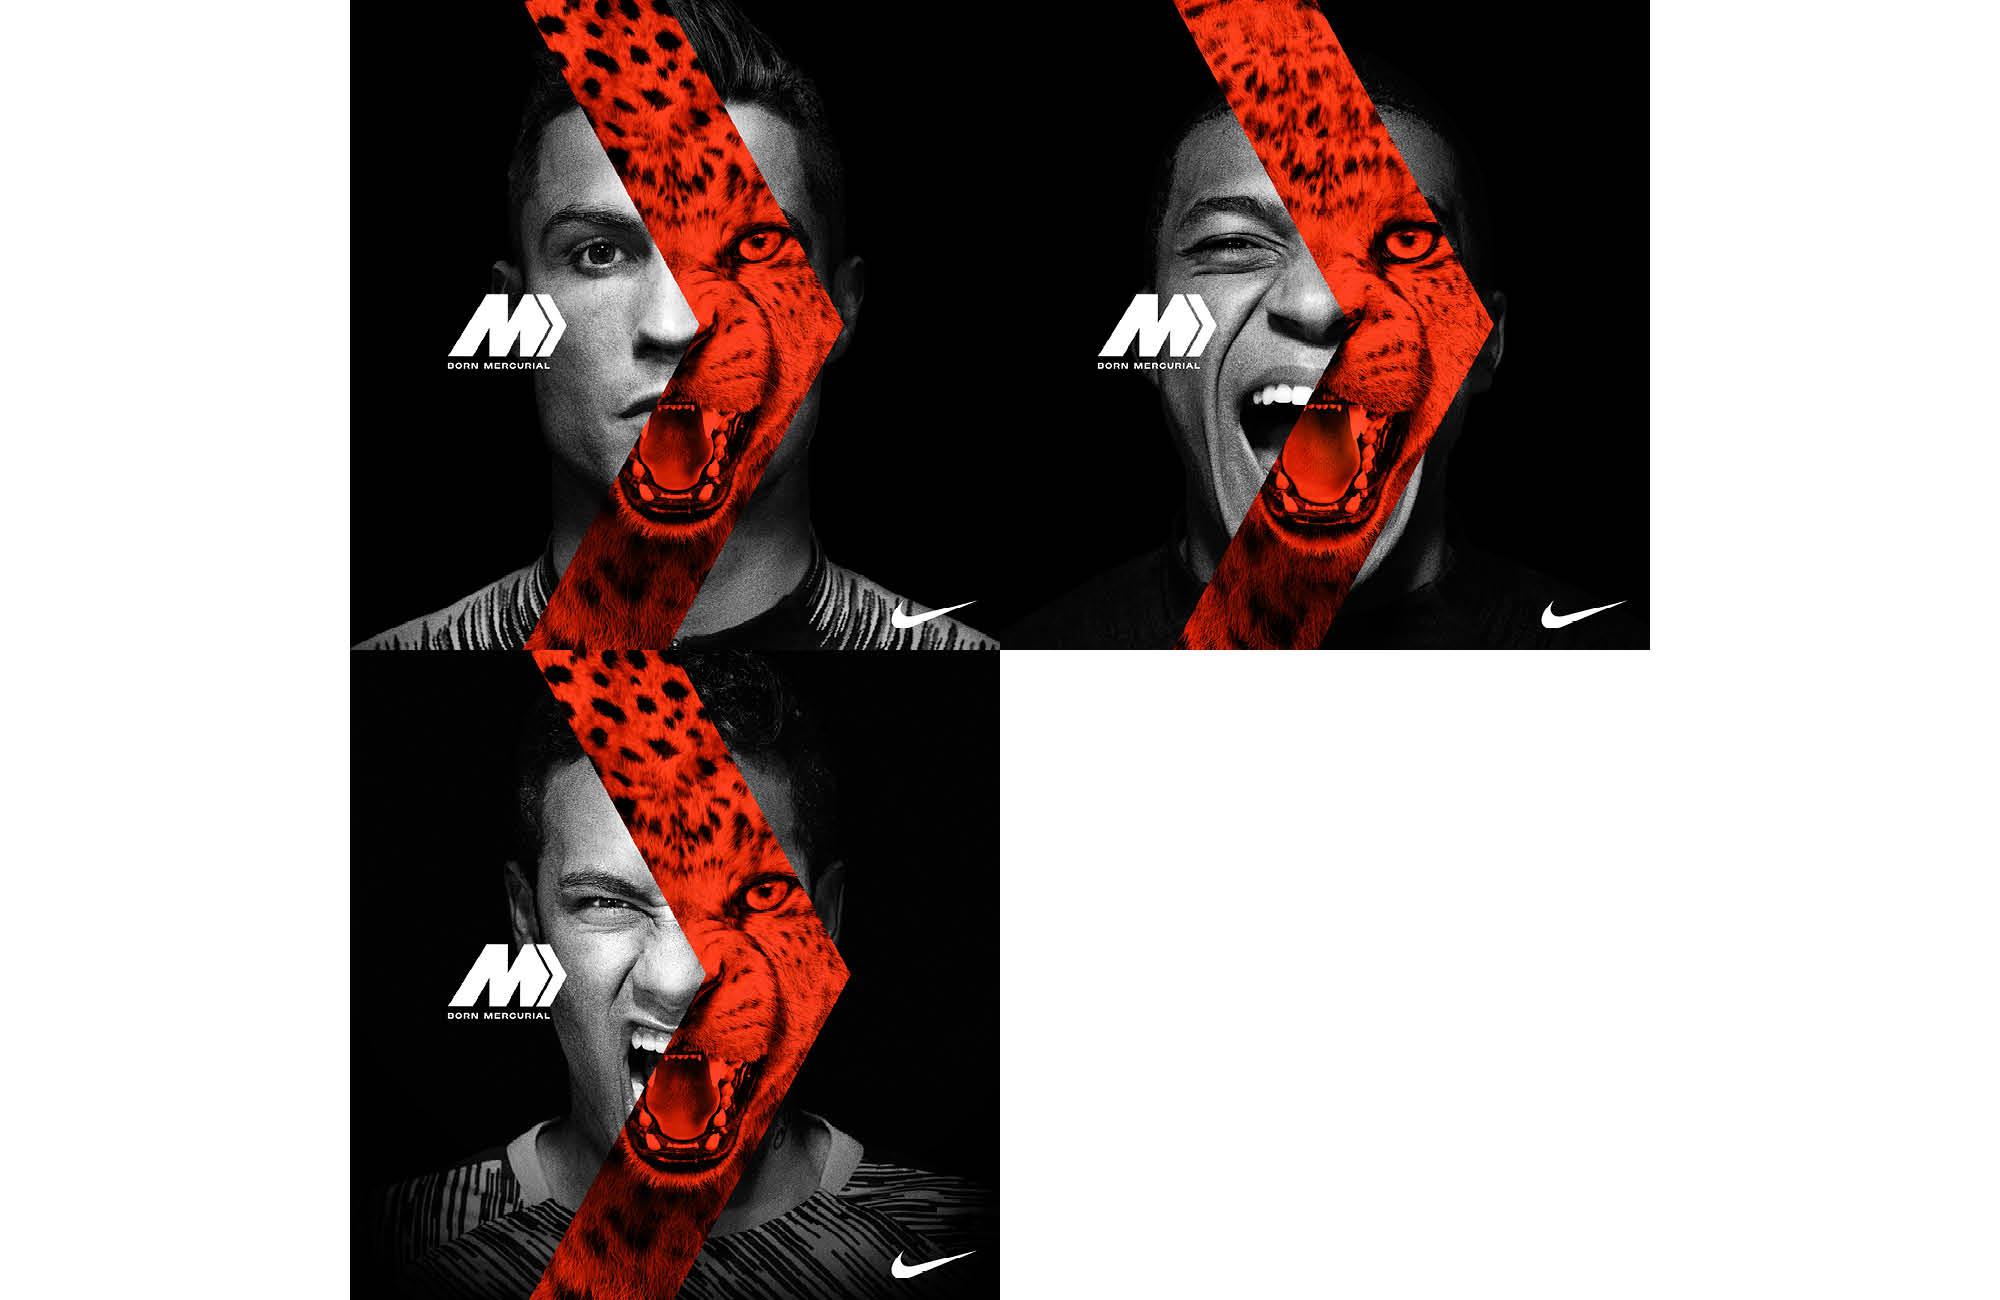 Nike – Born Merc - 3 of 4